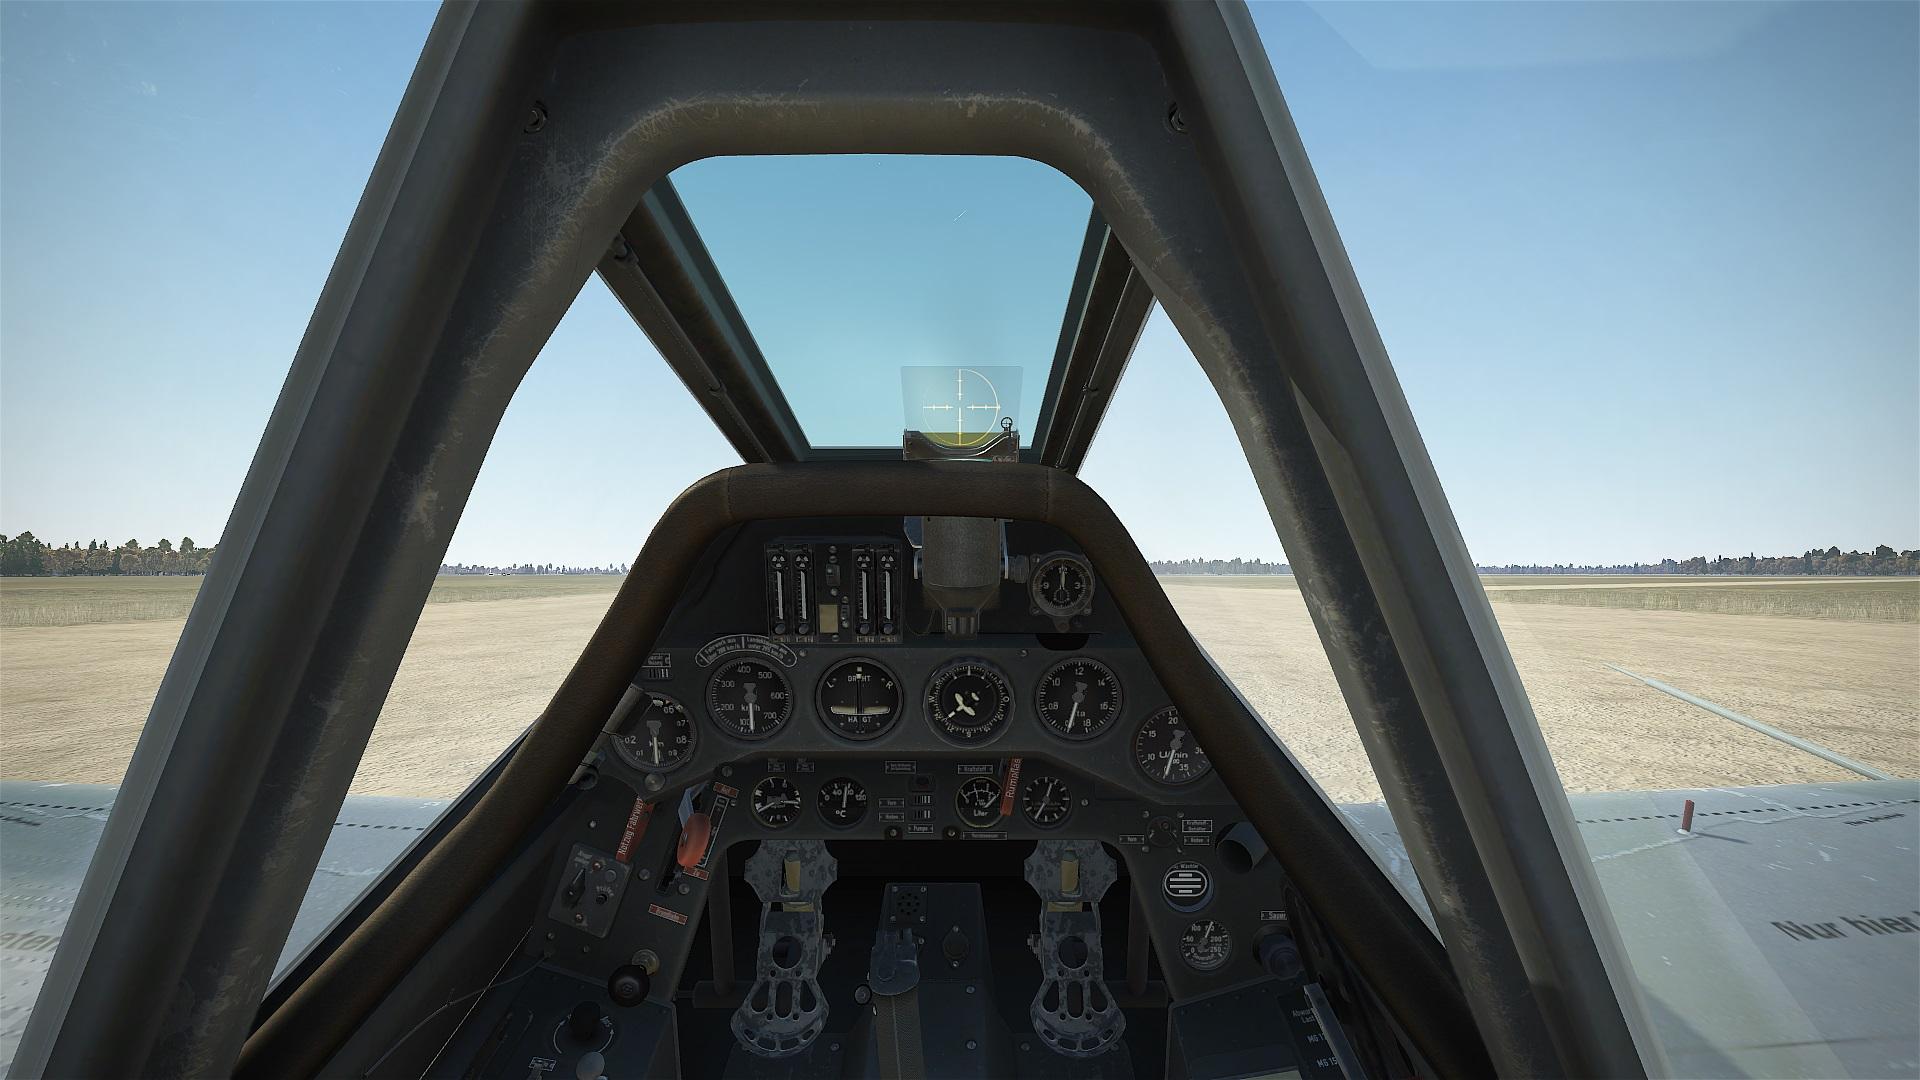 Fw 190 A-3 Cockpit, Bild von Kaltkori, Gemeinfrei